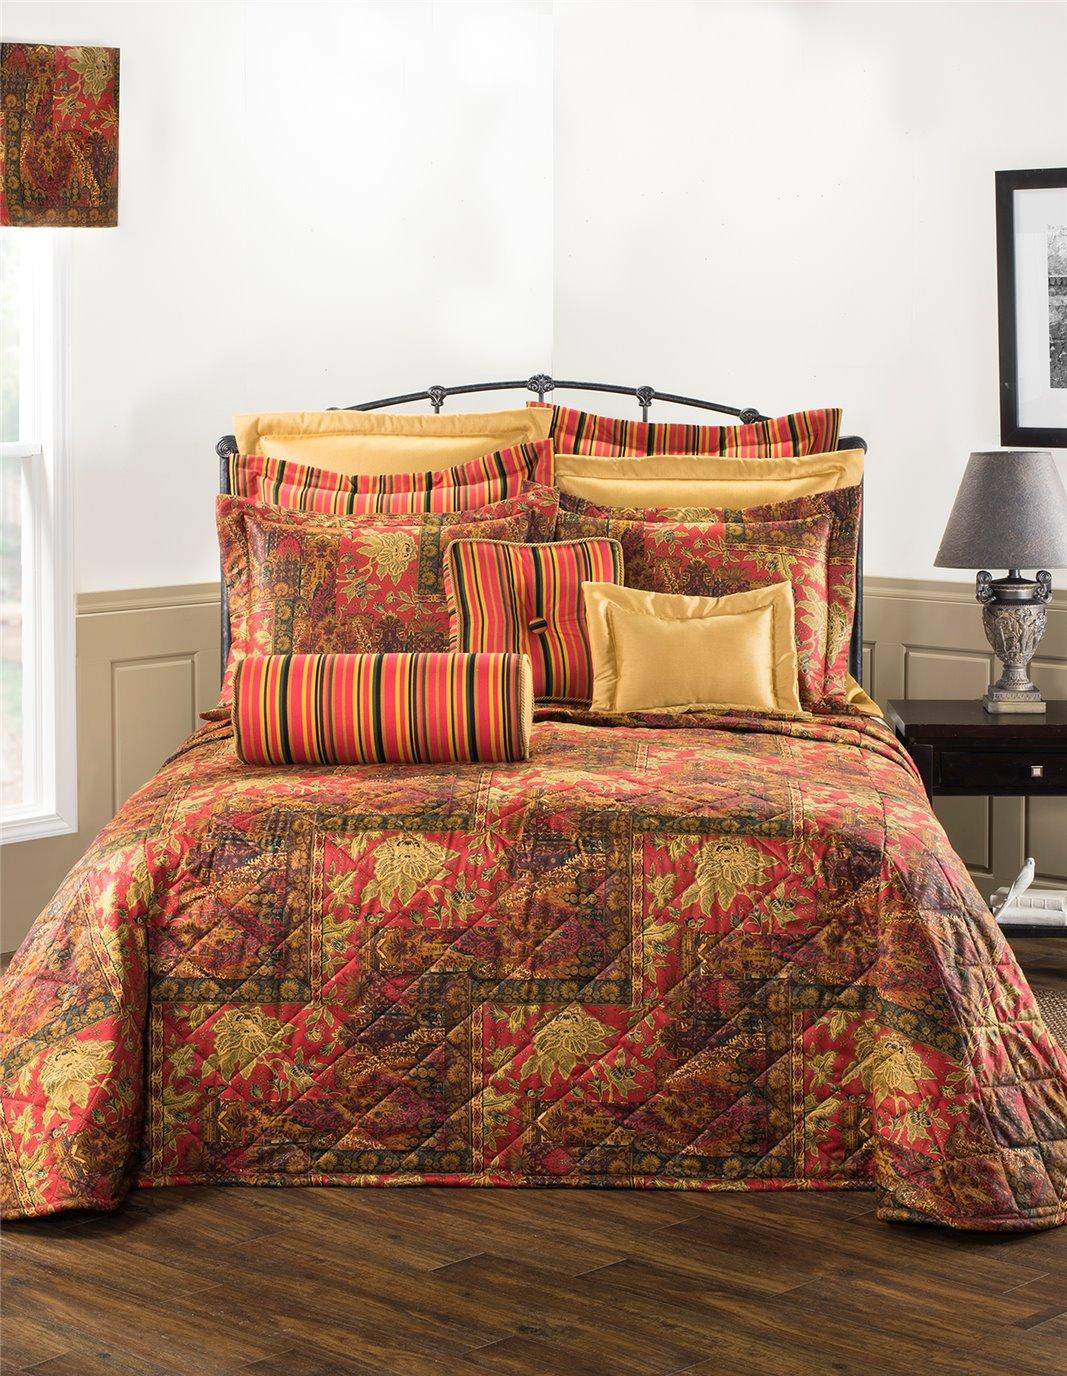 Kalinjar Full Bedspread